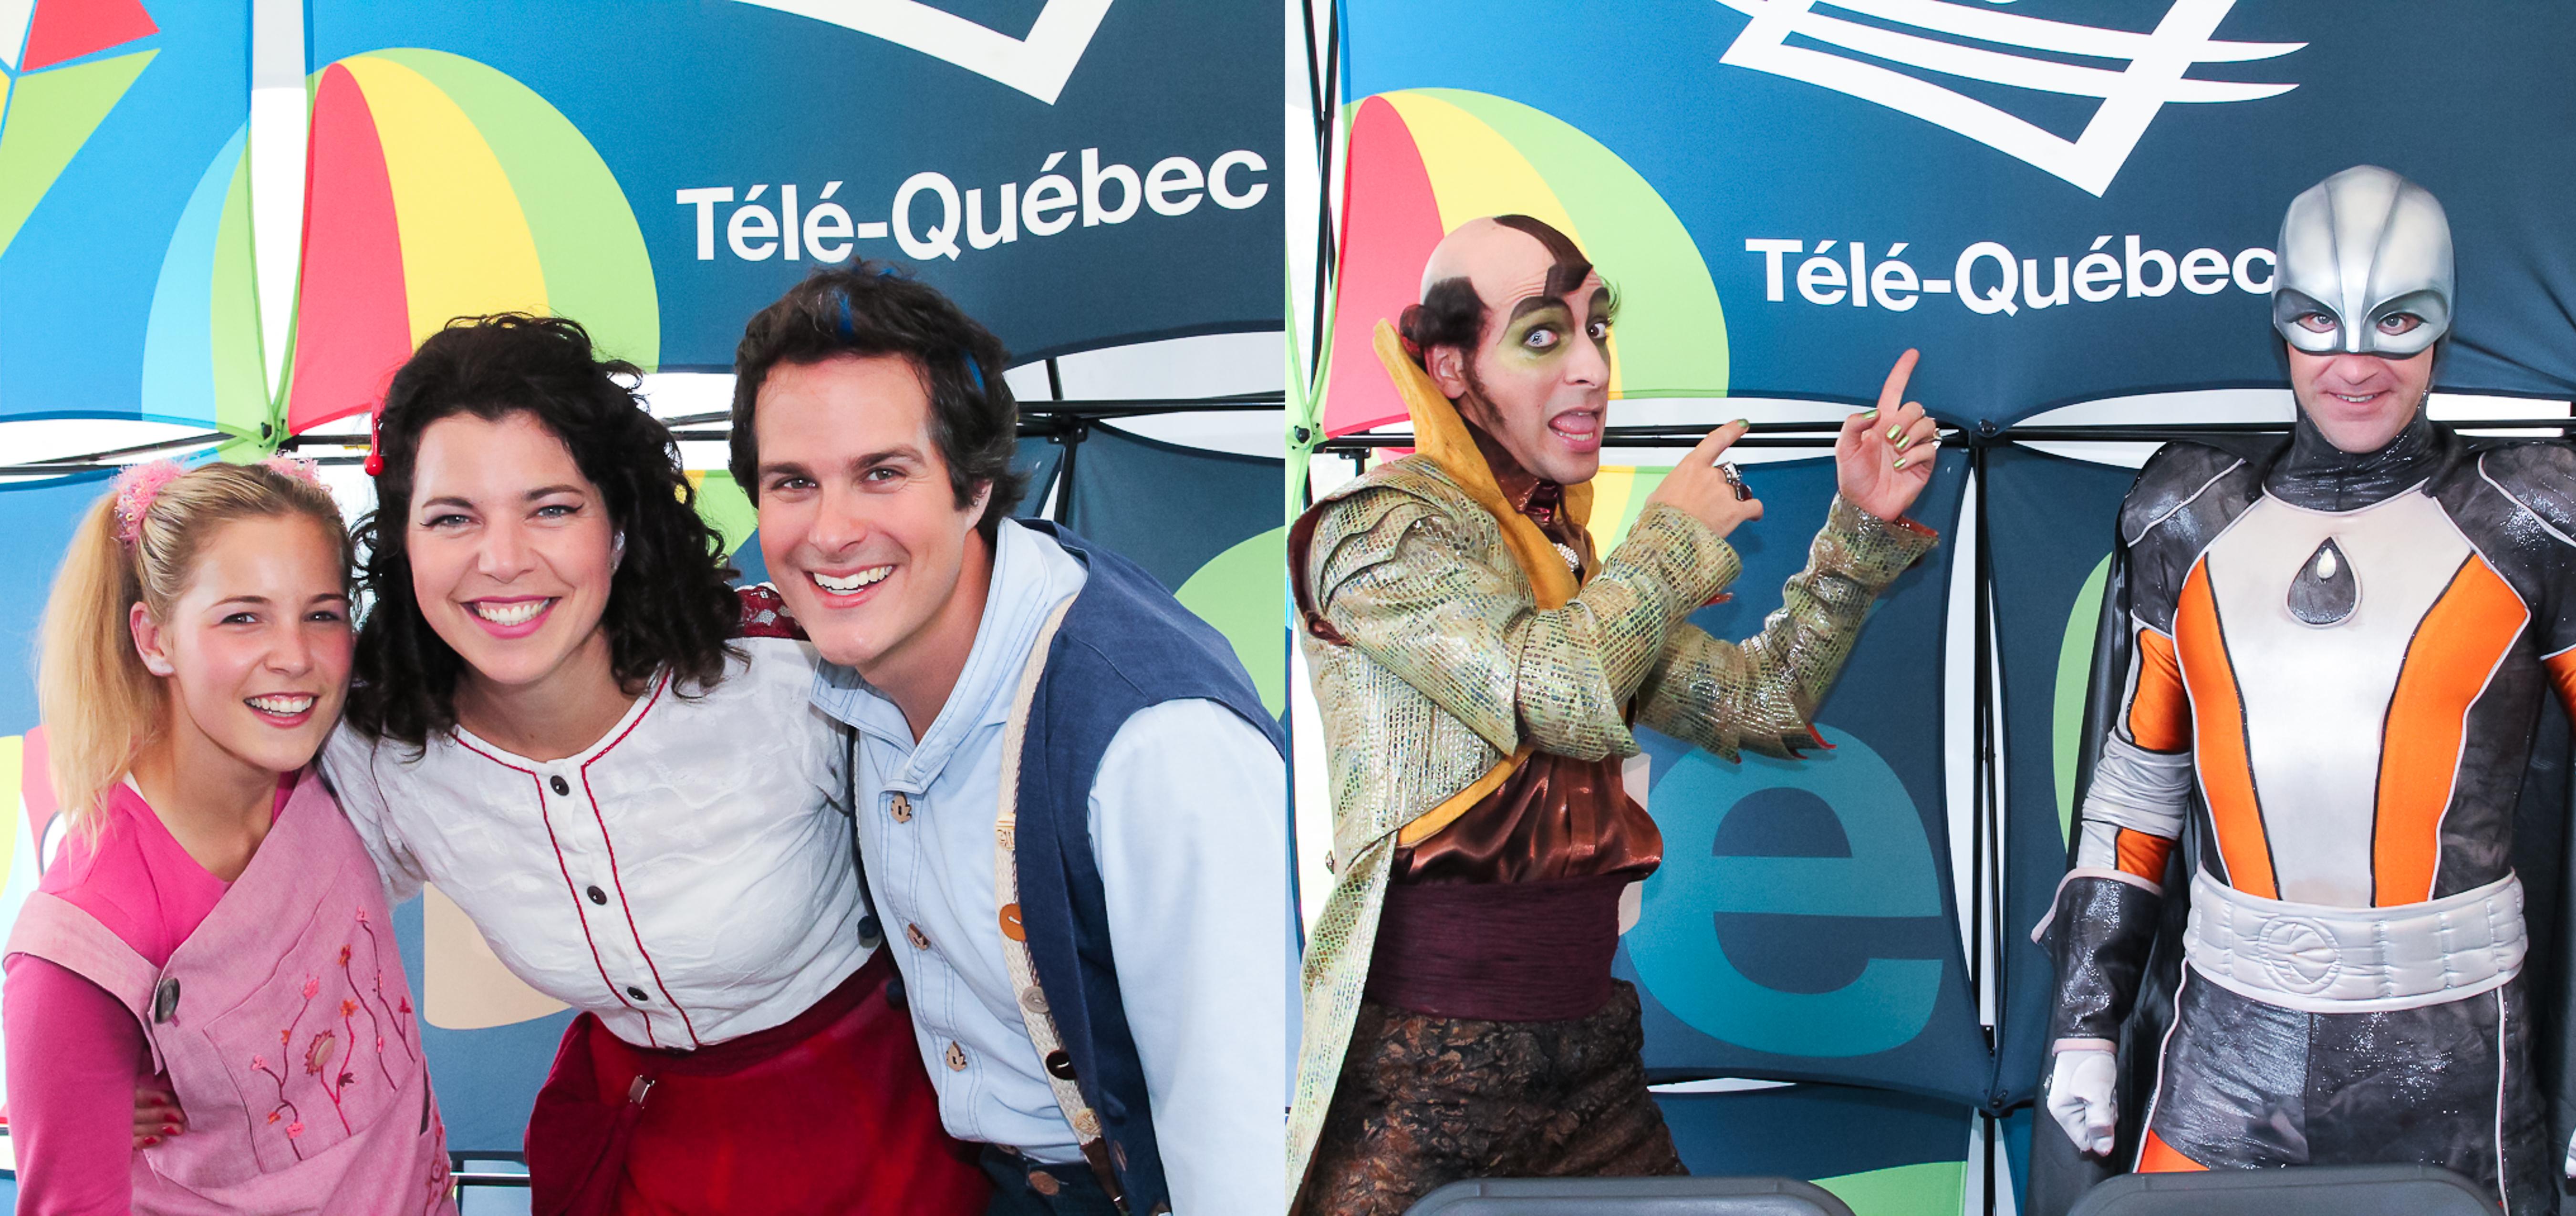 Événement_Télé-Québec